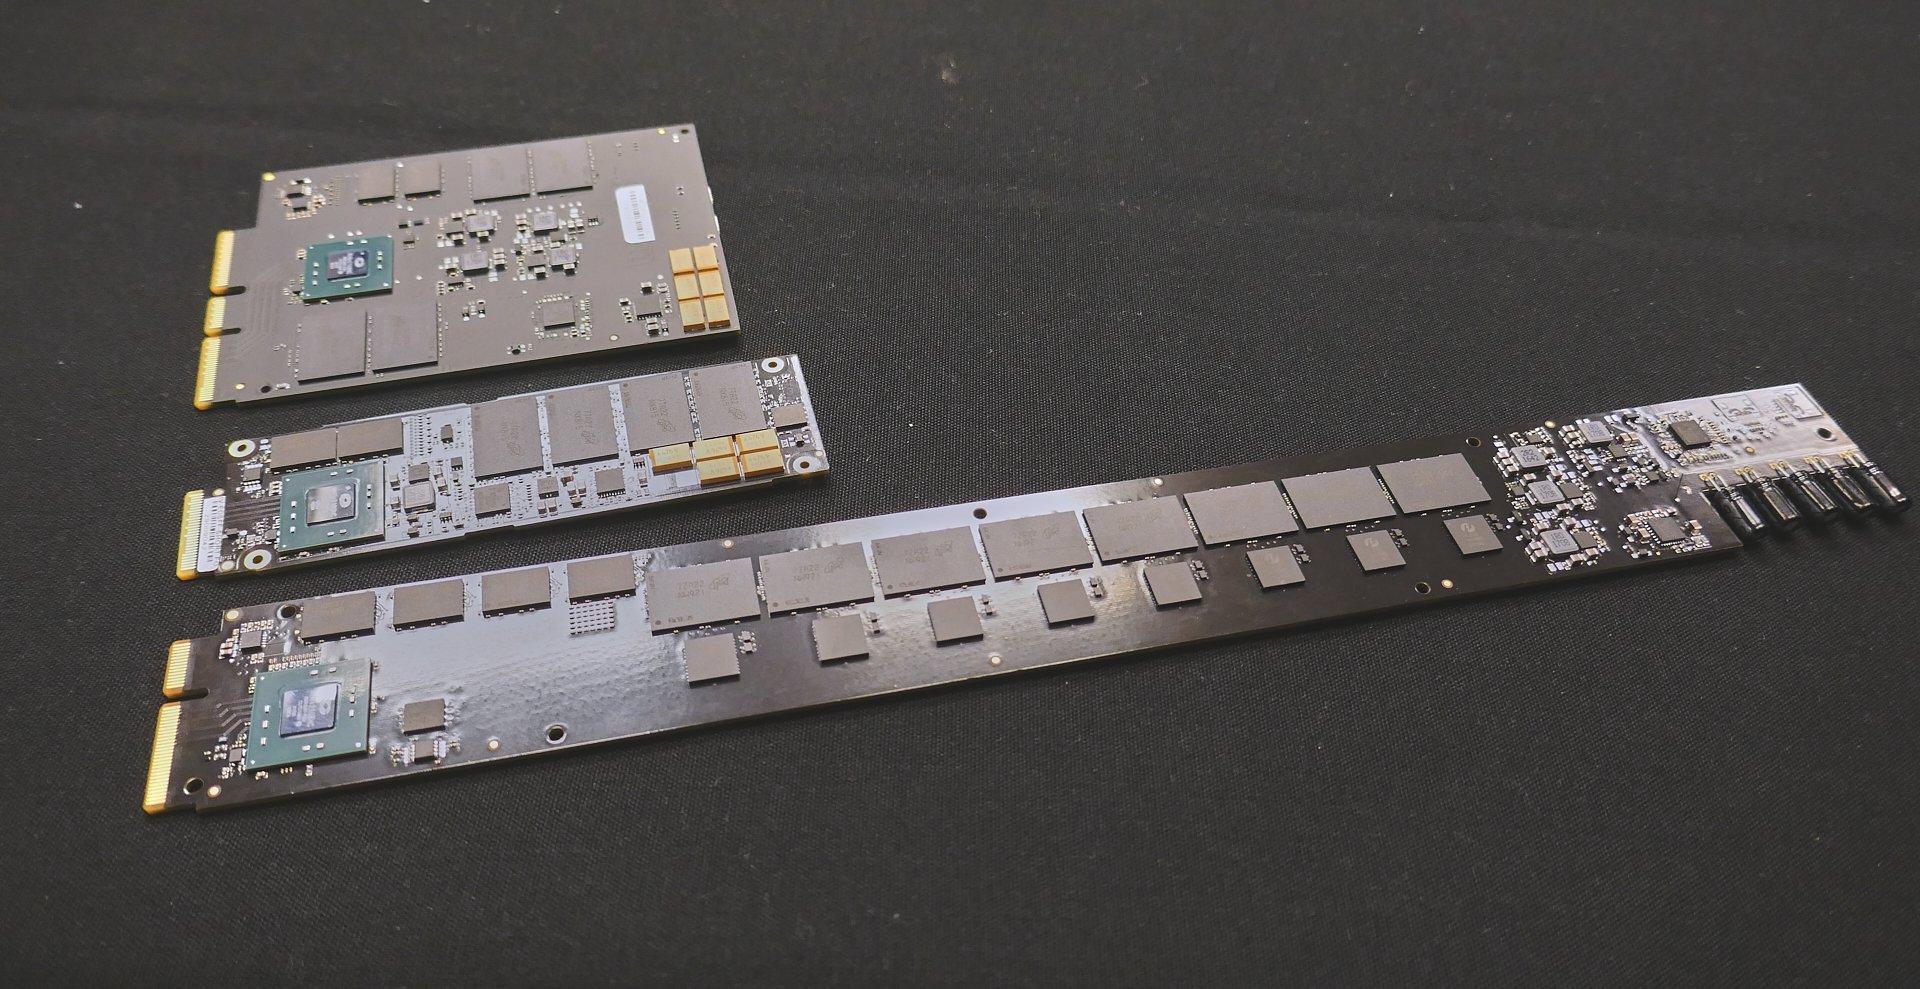 Die SSD-Formfaktoren E3.S (oben, ohne Gehäuse), E1.S (mittig) und E1.L (unten) untereinander. Kioxias PCB entspricht der obersten Variante.